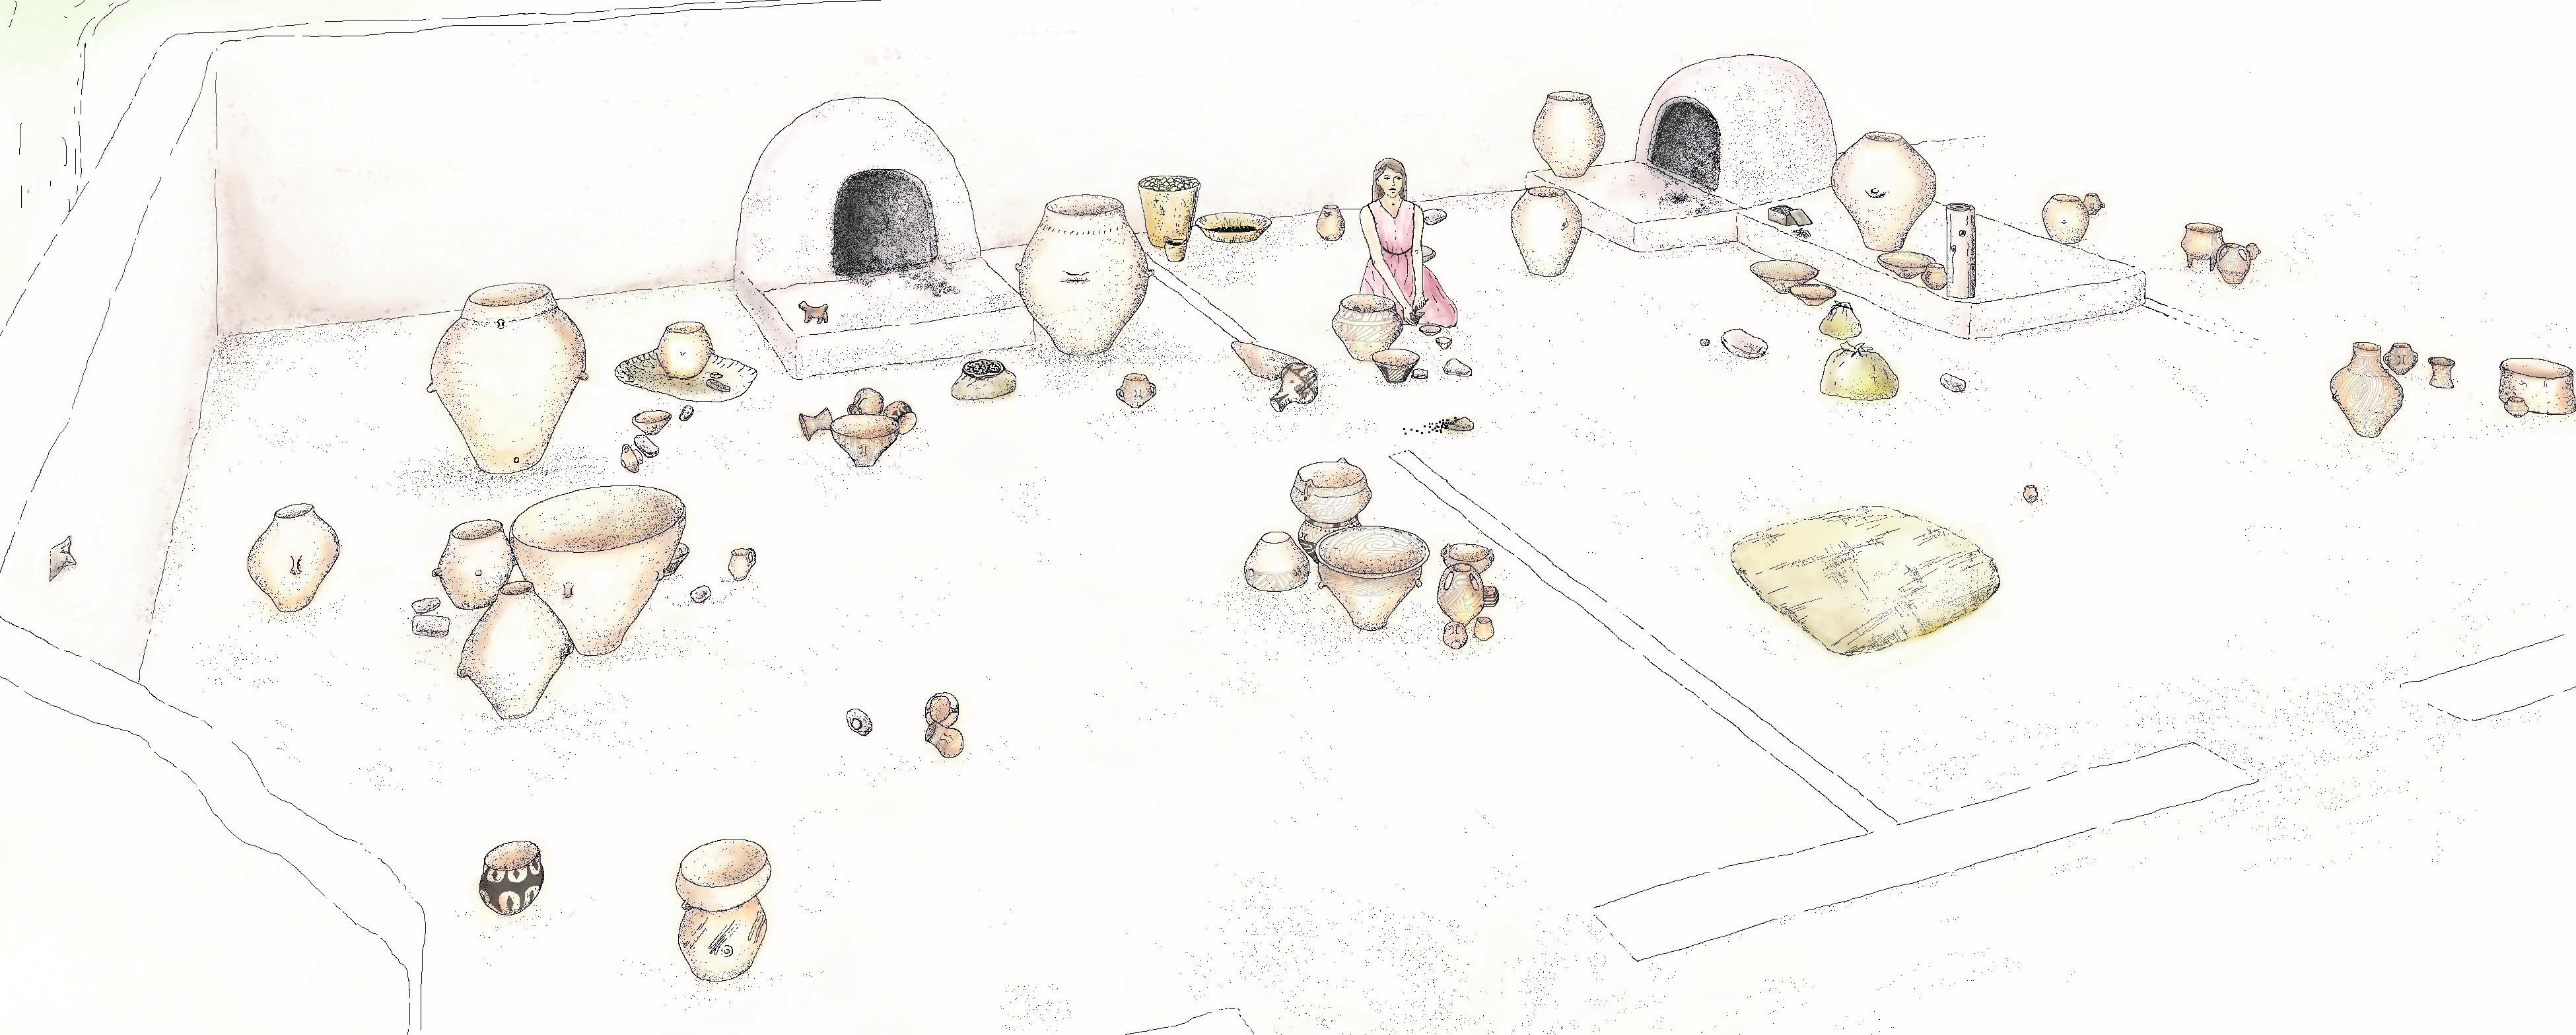 L'intérieur reconstitué d'une maison néolithique, vers 4300 av. J.-C. (R. Douaud)